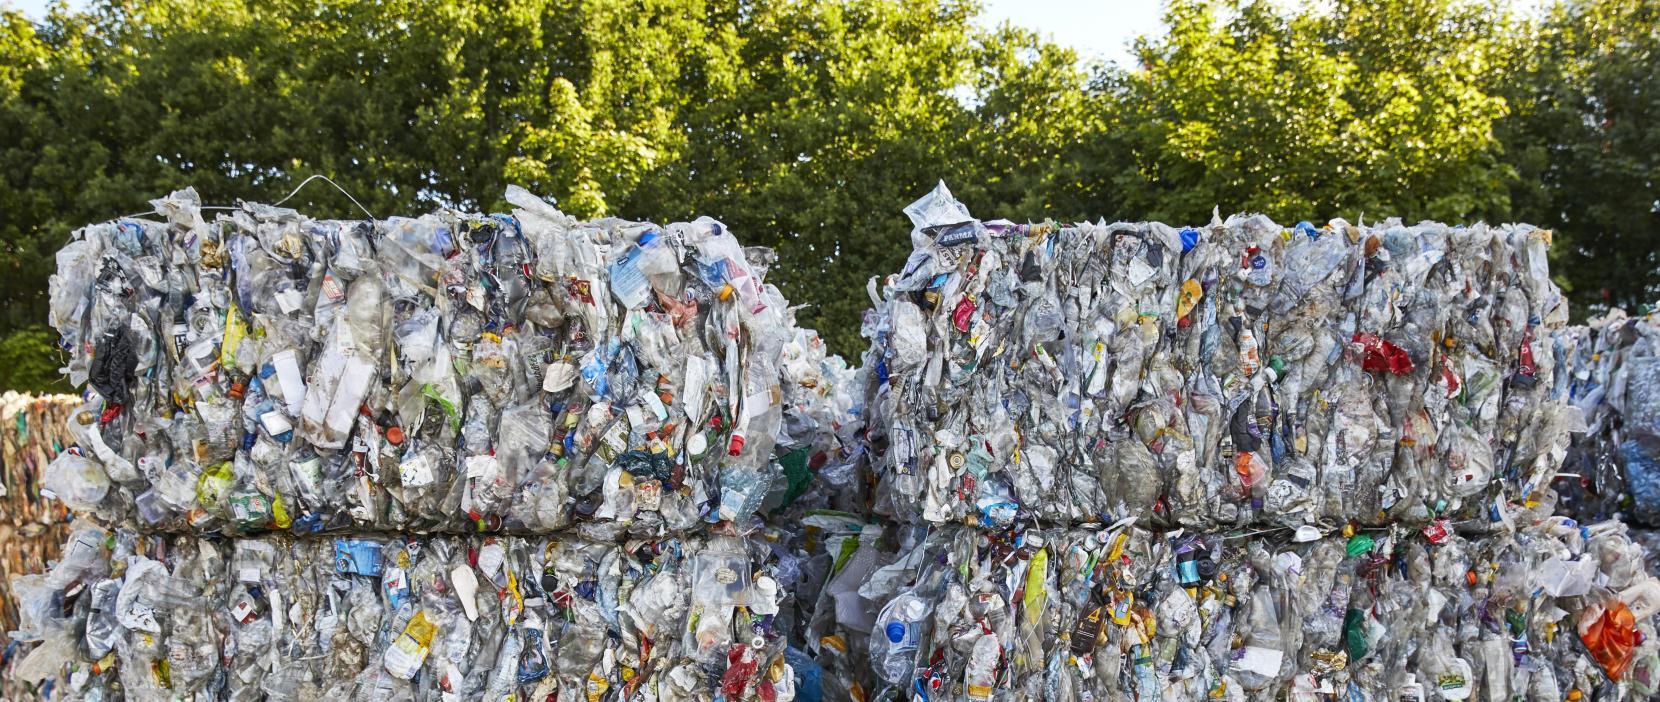 Plastik til genanvendelse